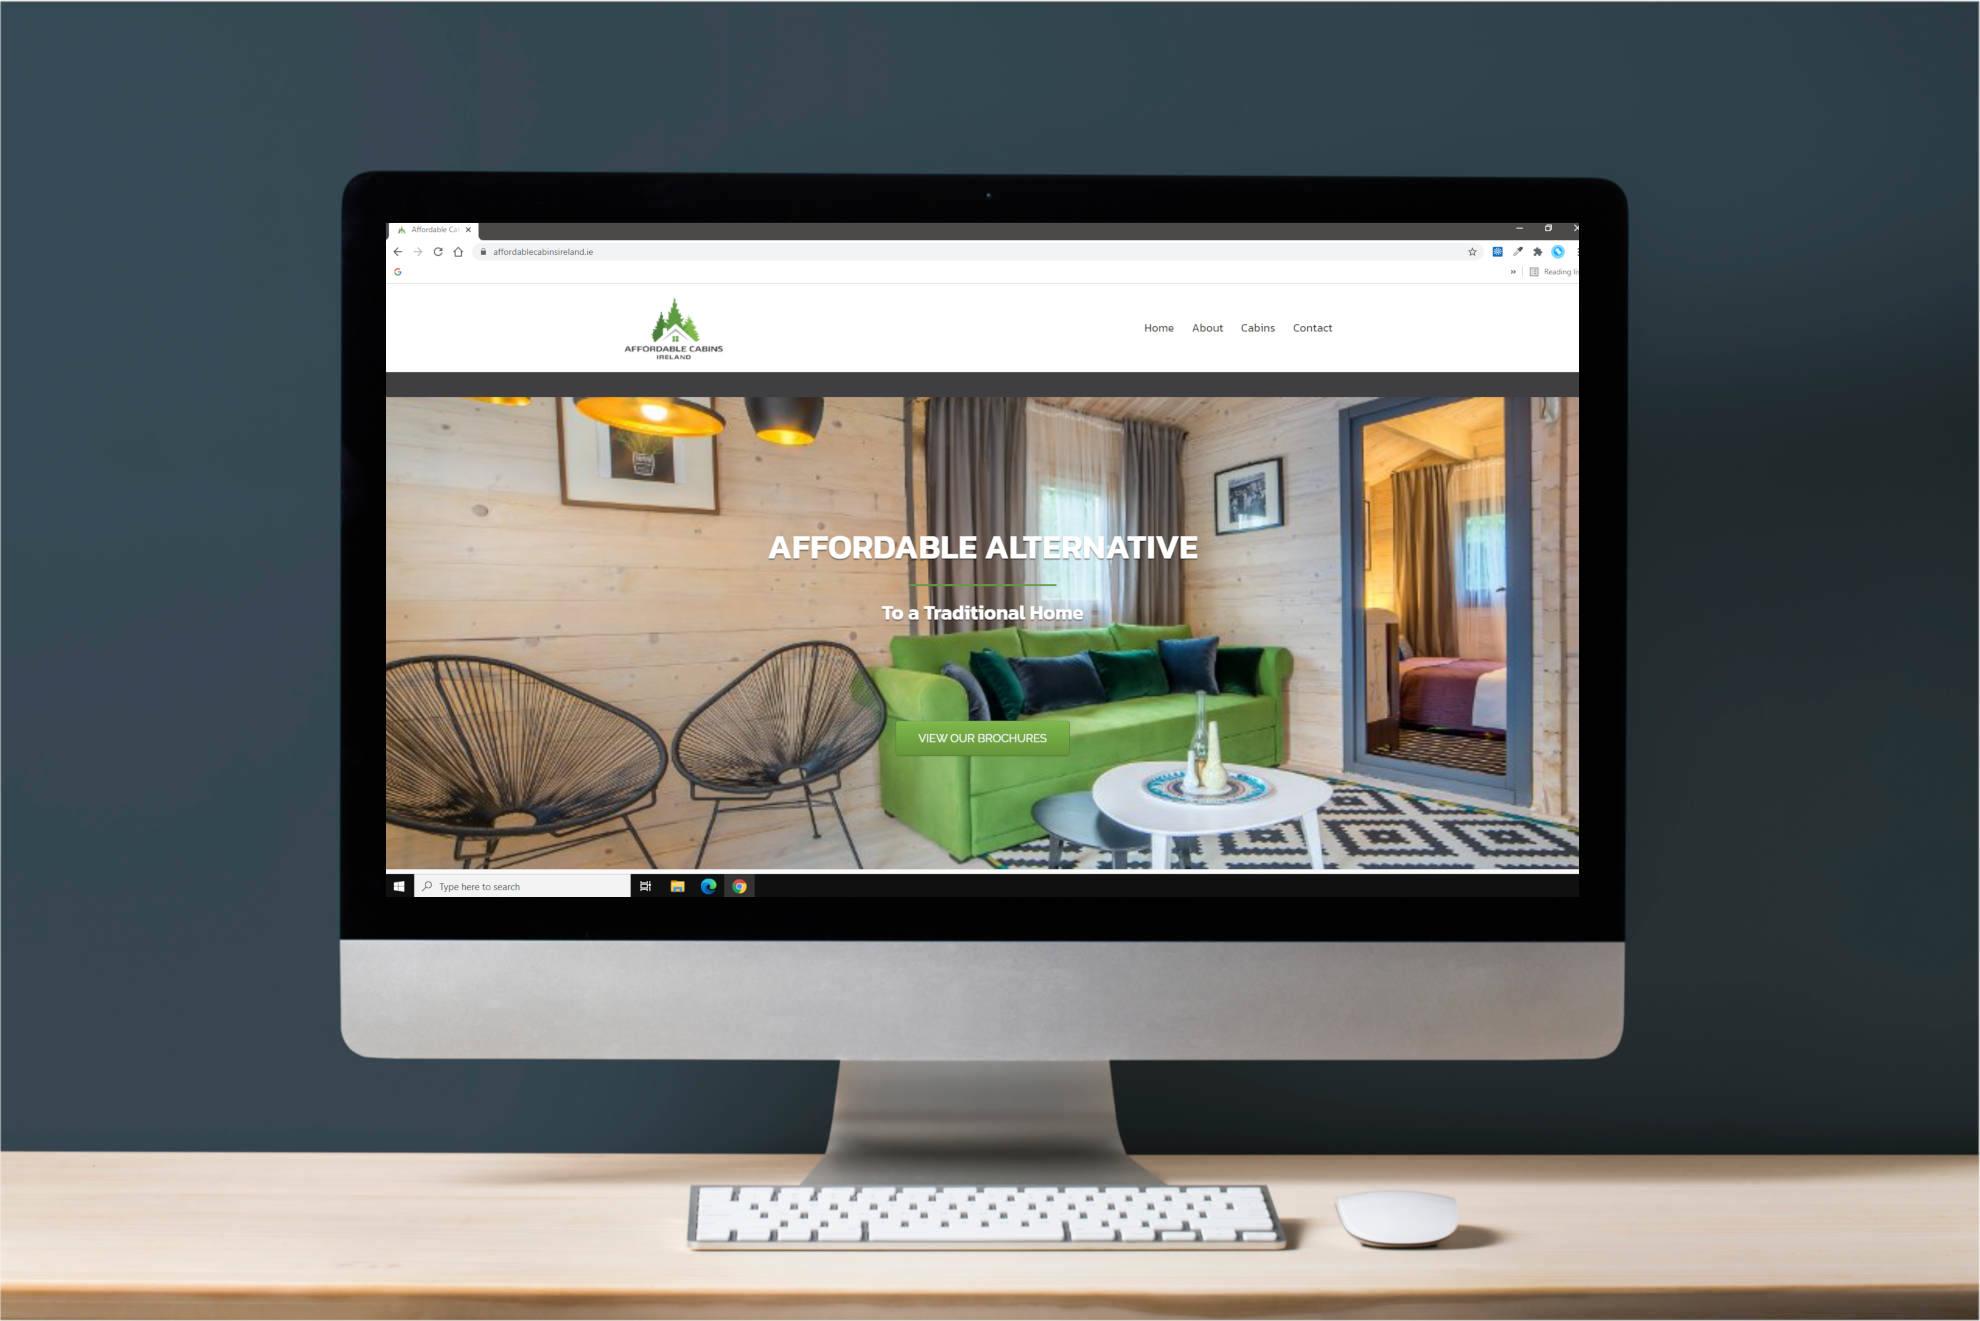 Affordable Cabins site Applejack Marketing